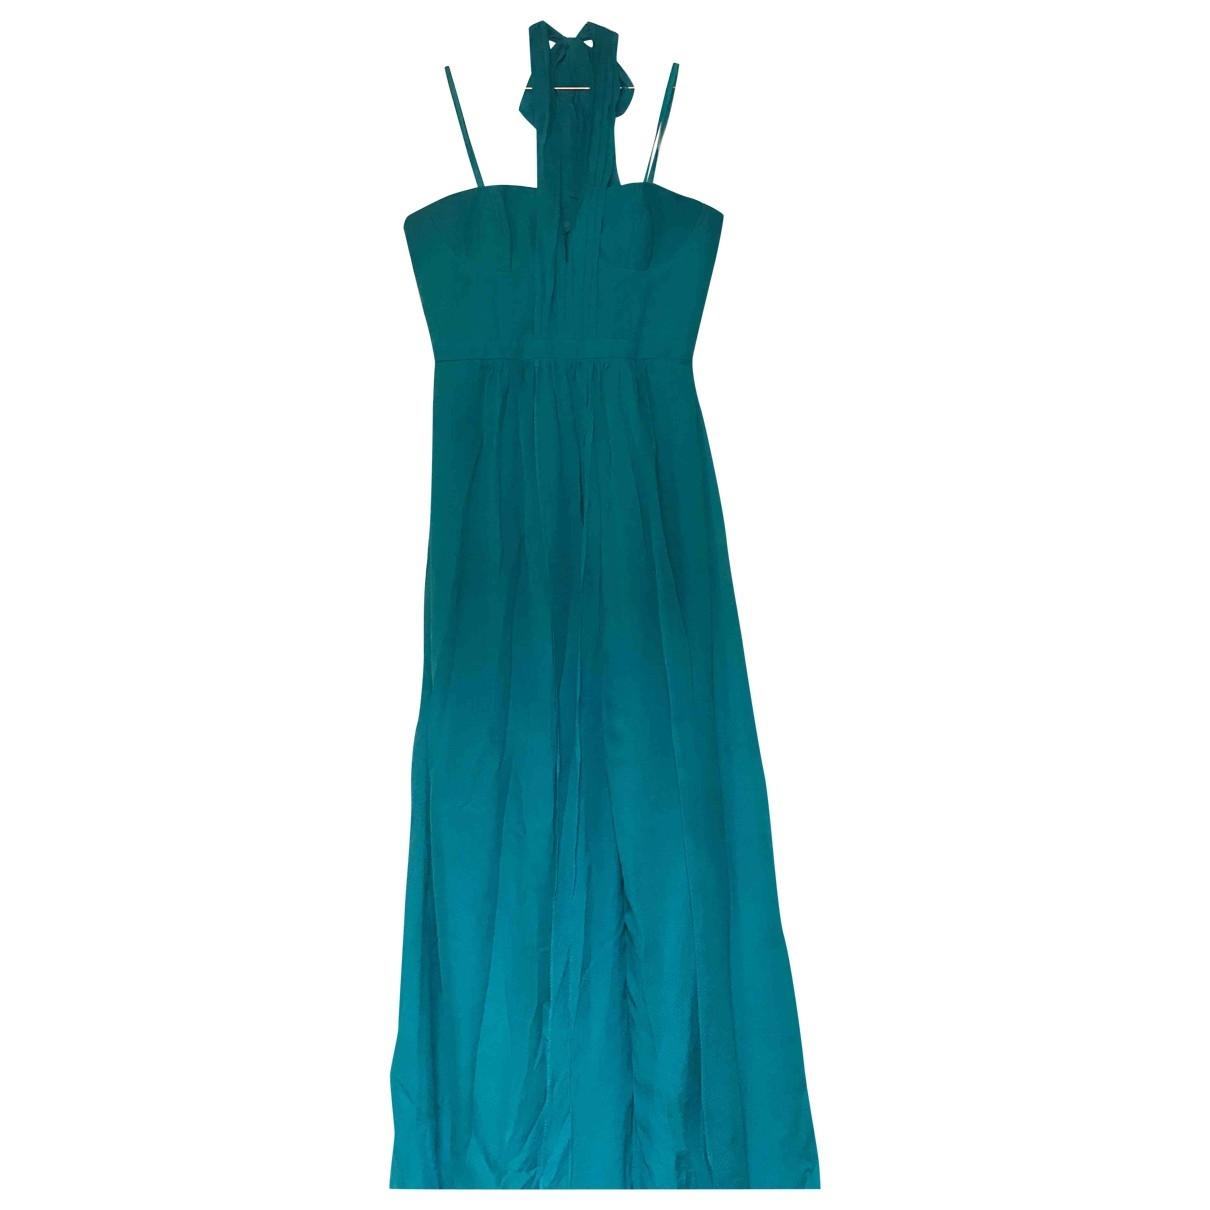 Bcbg Max Azria - Robe   pour femme en soie - turquoise